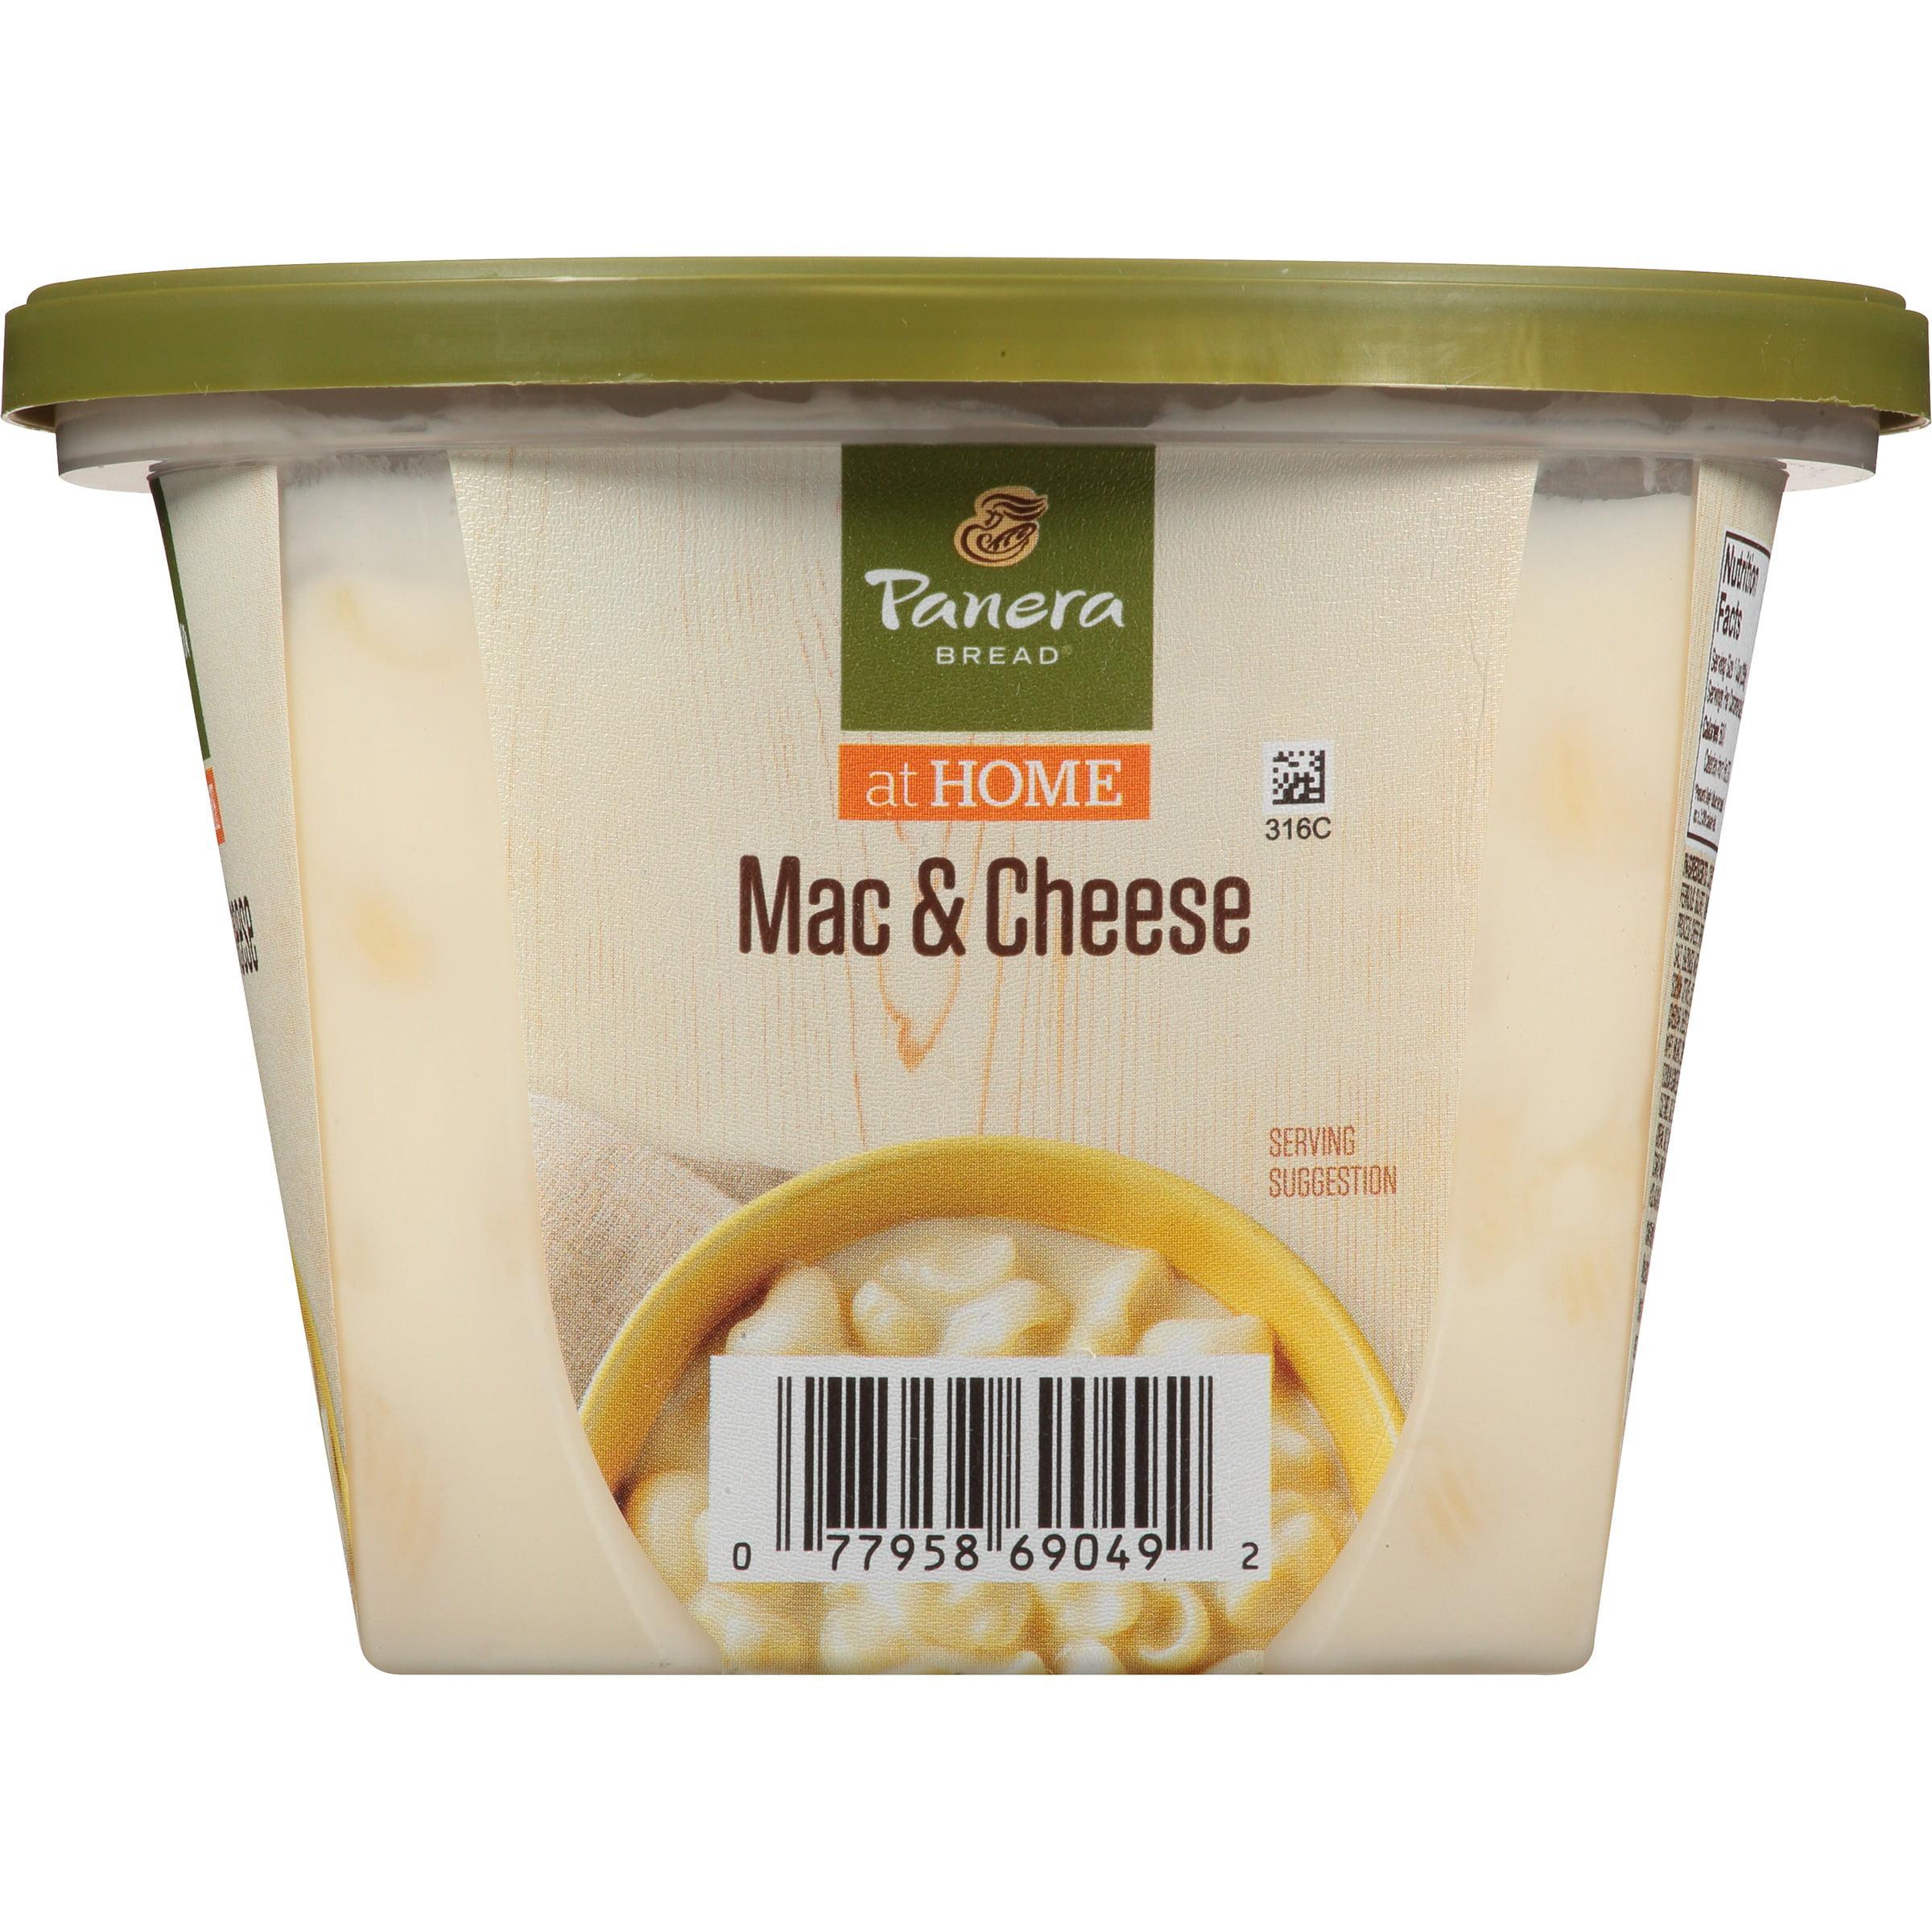 panera mac and cheese calories